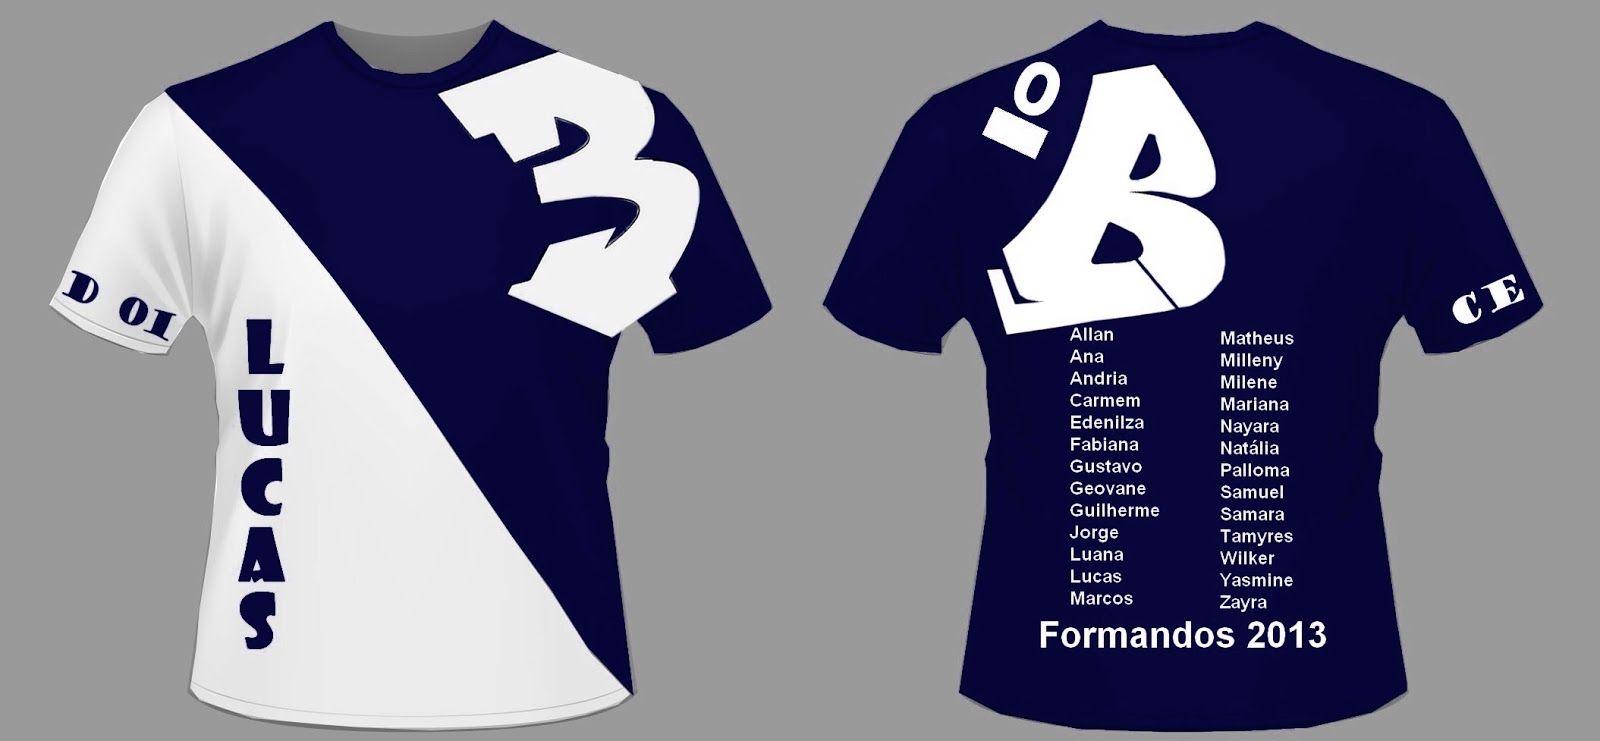 Camisetas Para Formandos 3 Ano Modelos Camisa Formandos